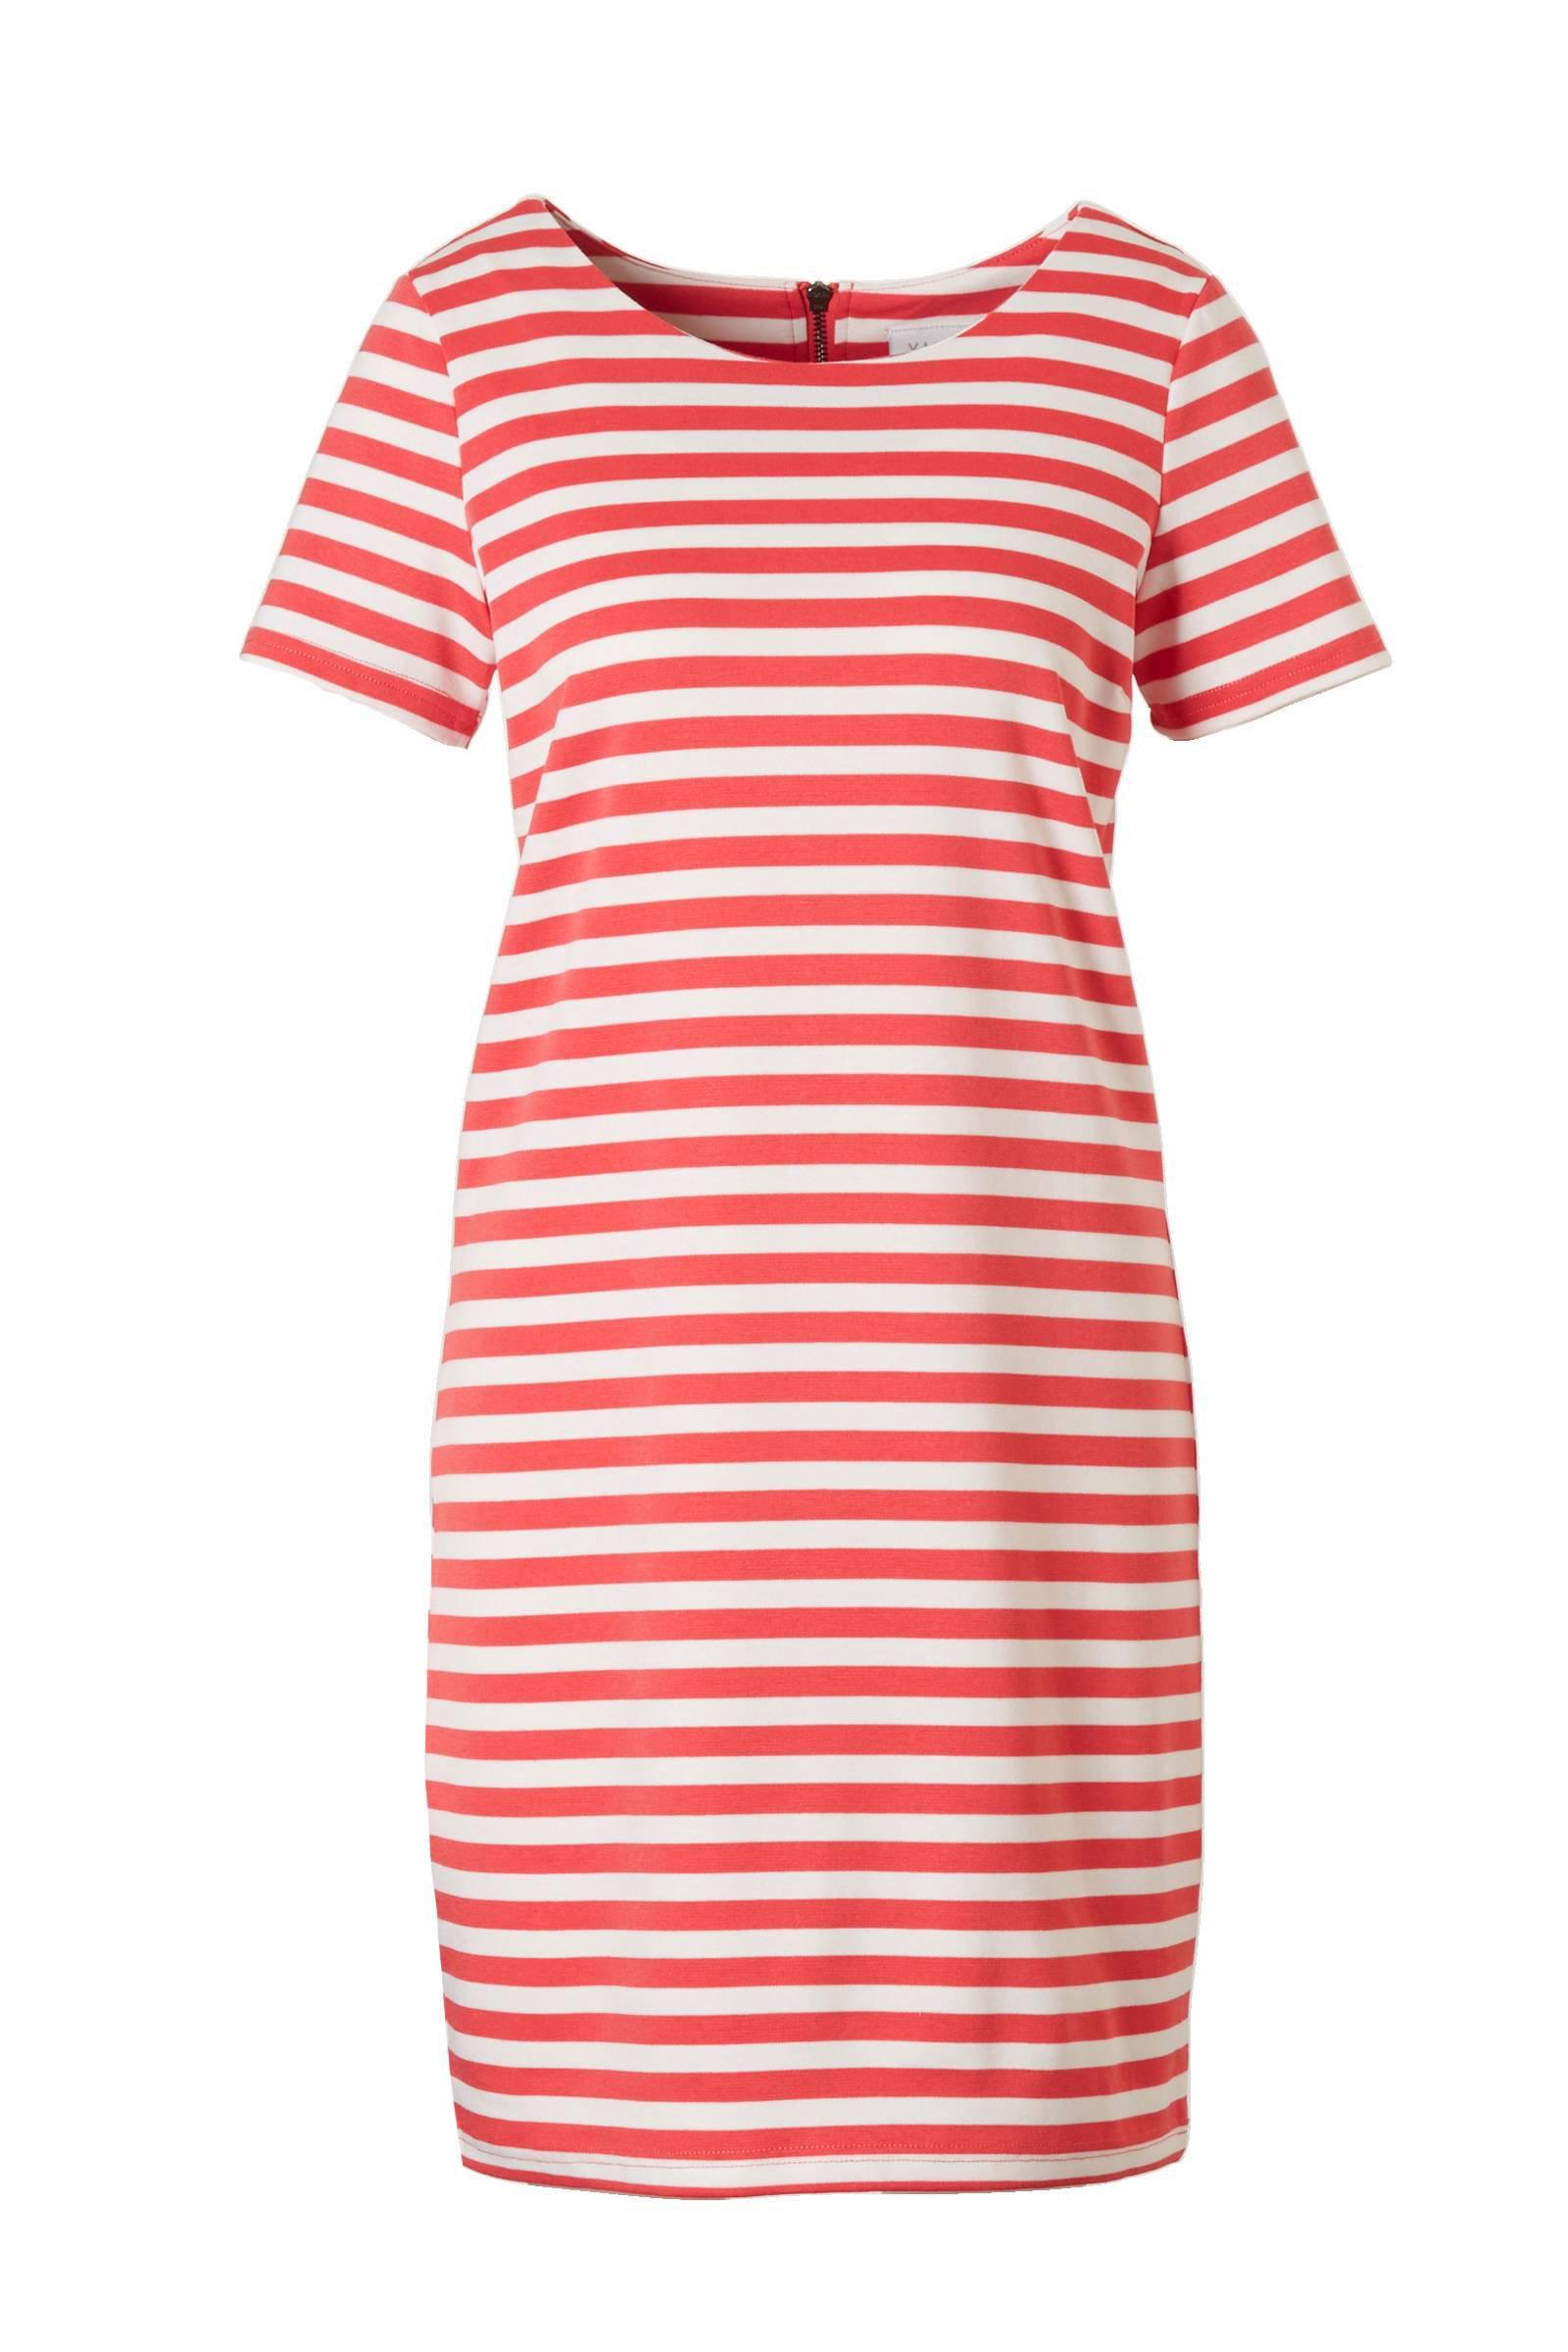 vila jurk rood